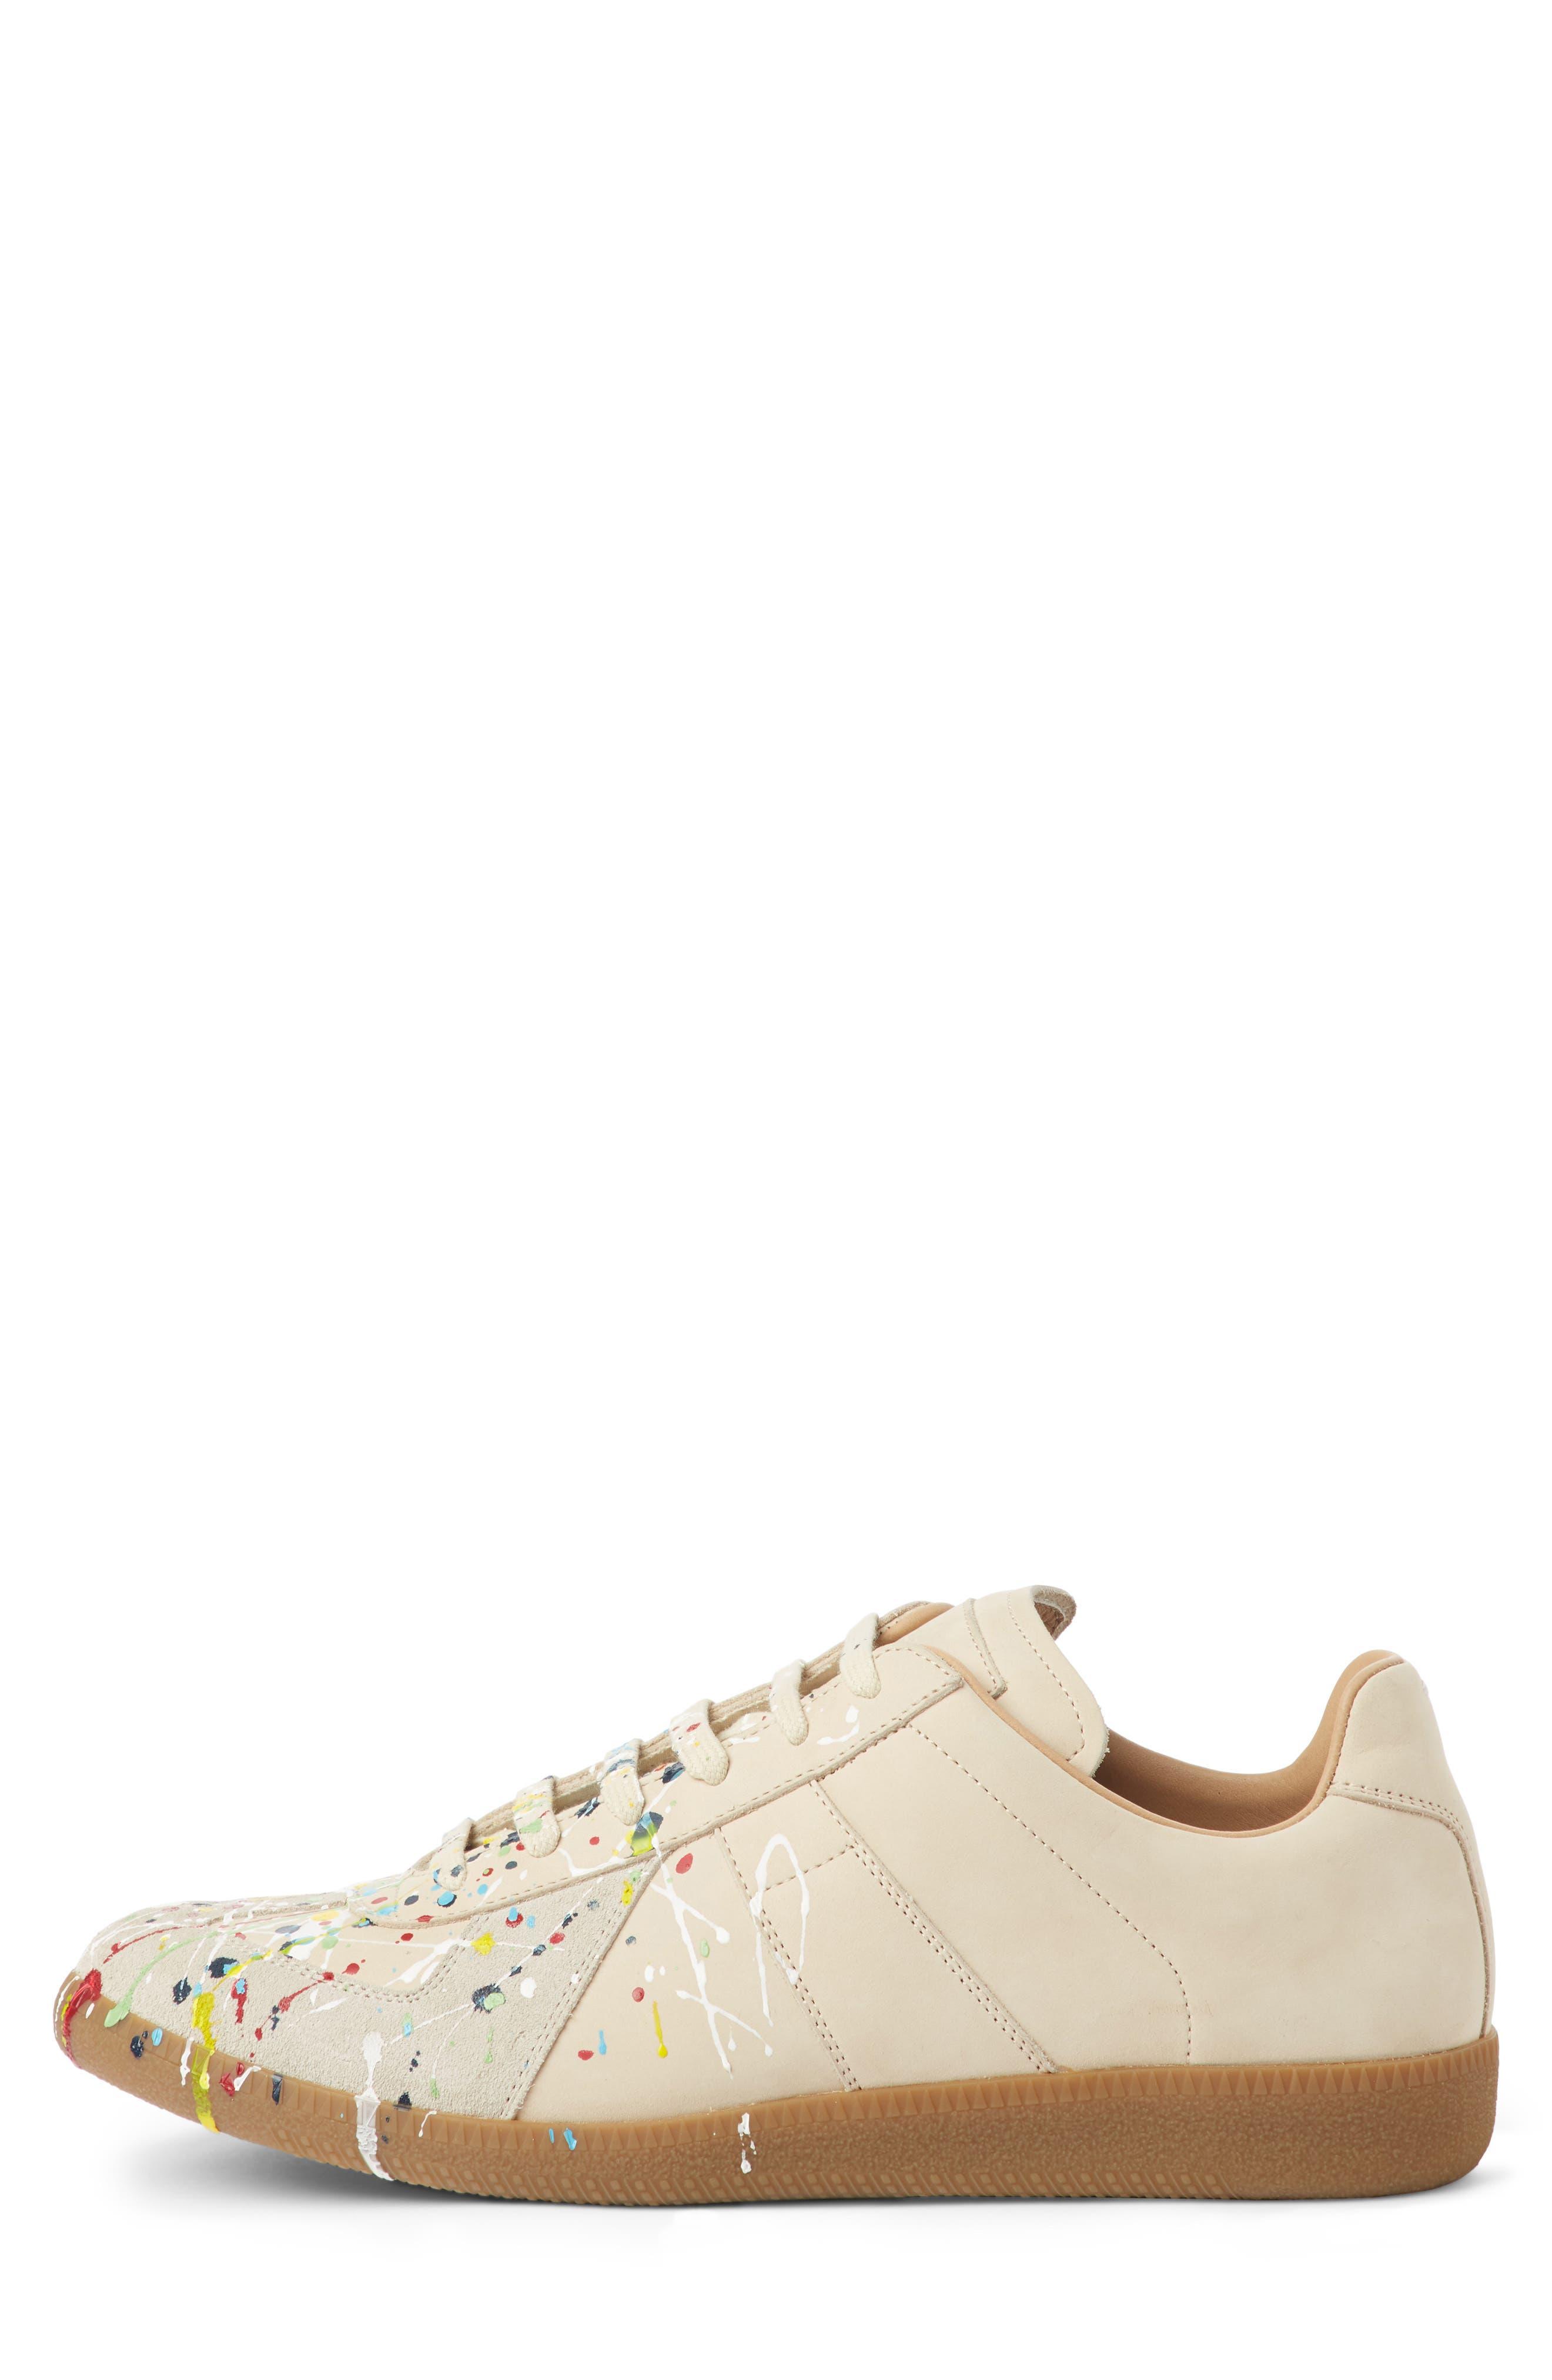 Maison Margiela Replica Low Top Sneaker,                             Alternate thumbnail 3, color,                             BEIGE / PAINT